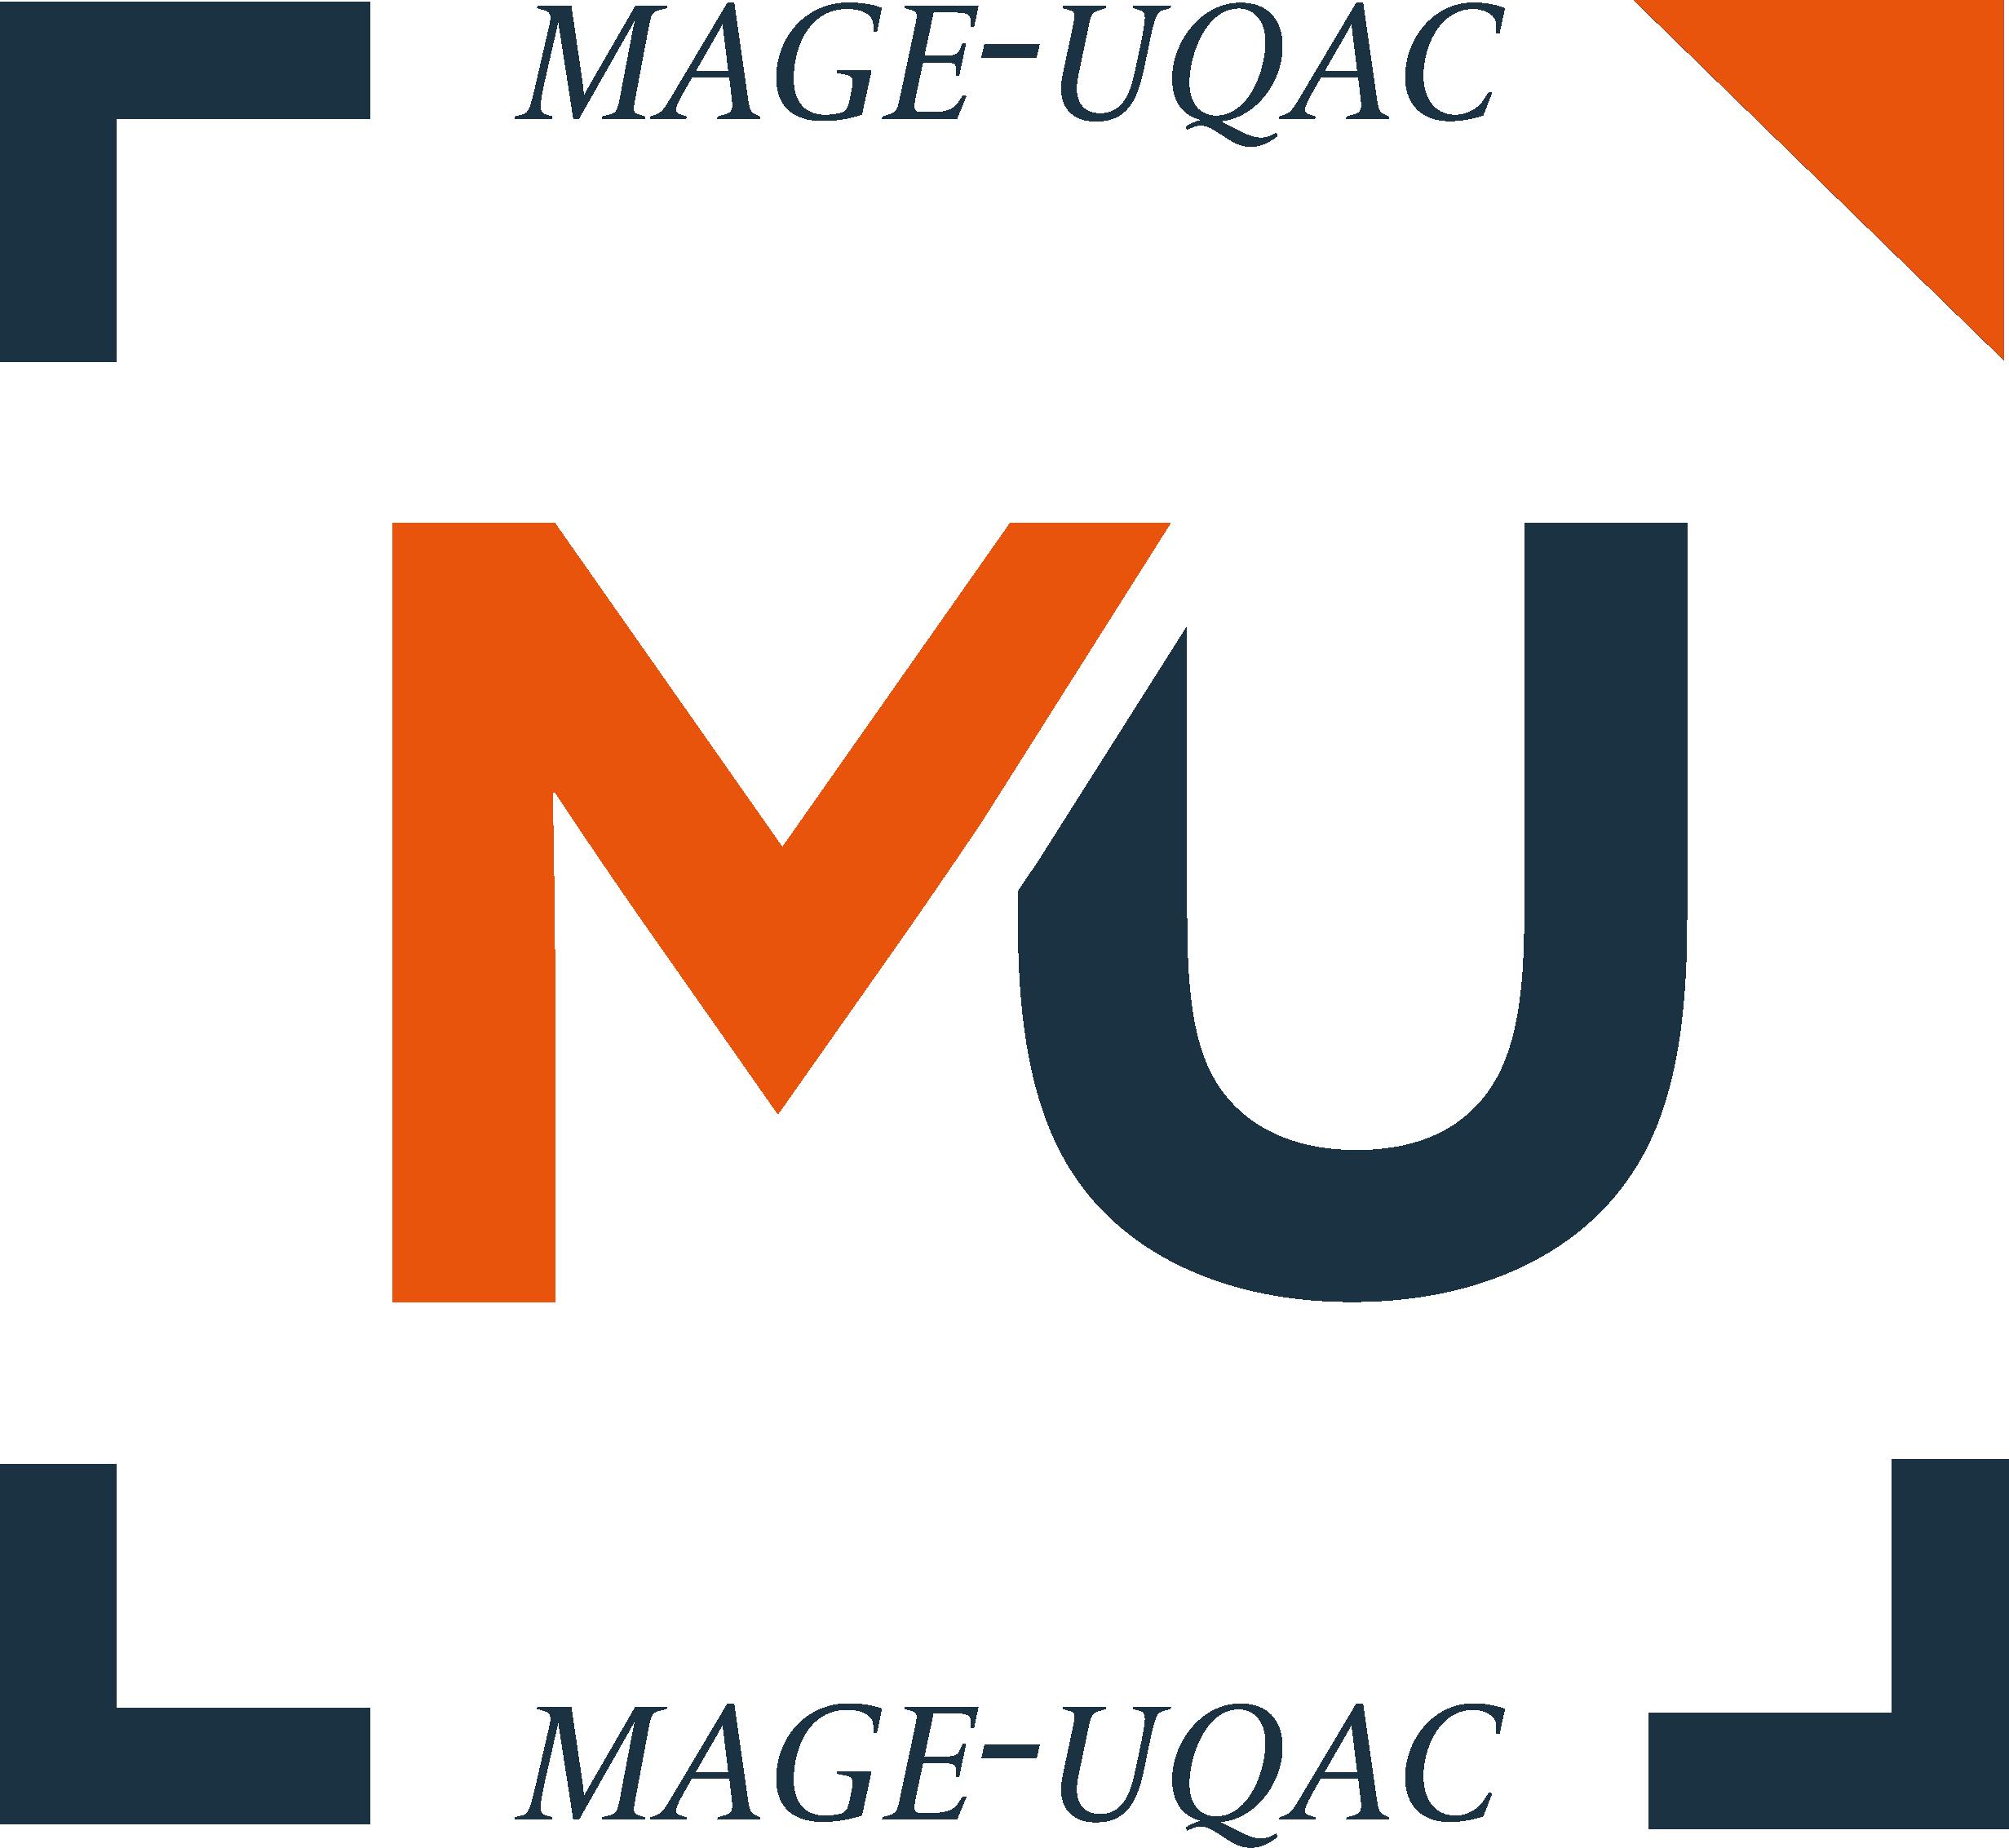 MAGE_UQAC